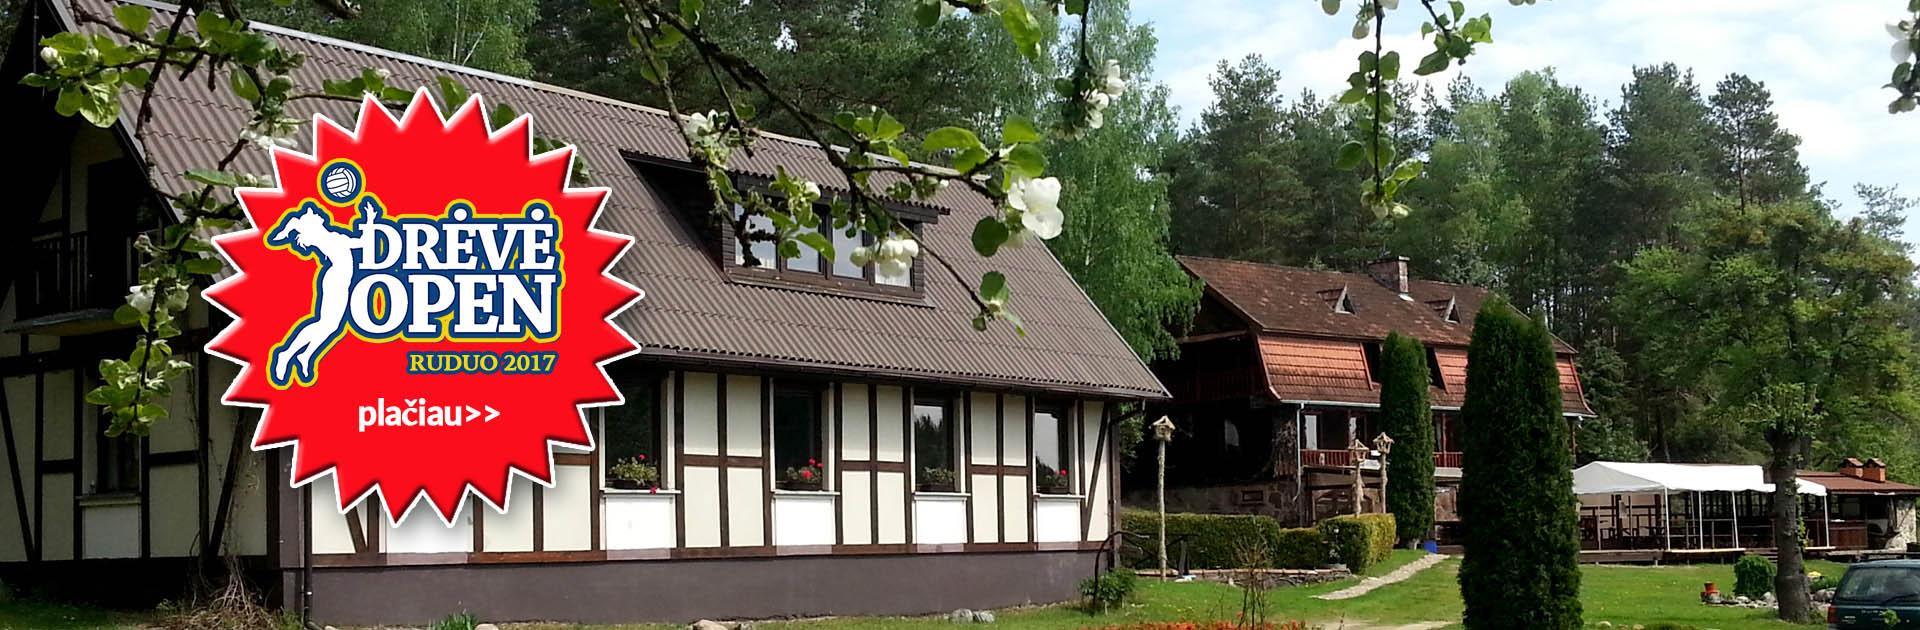 home_bertasiunai dreve open